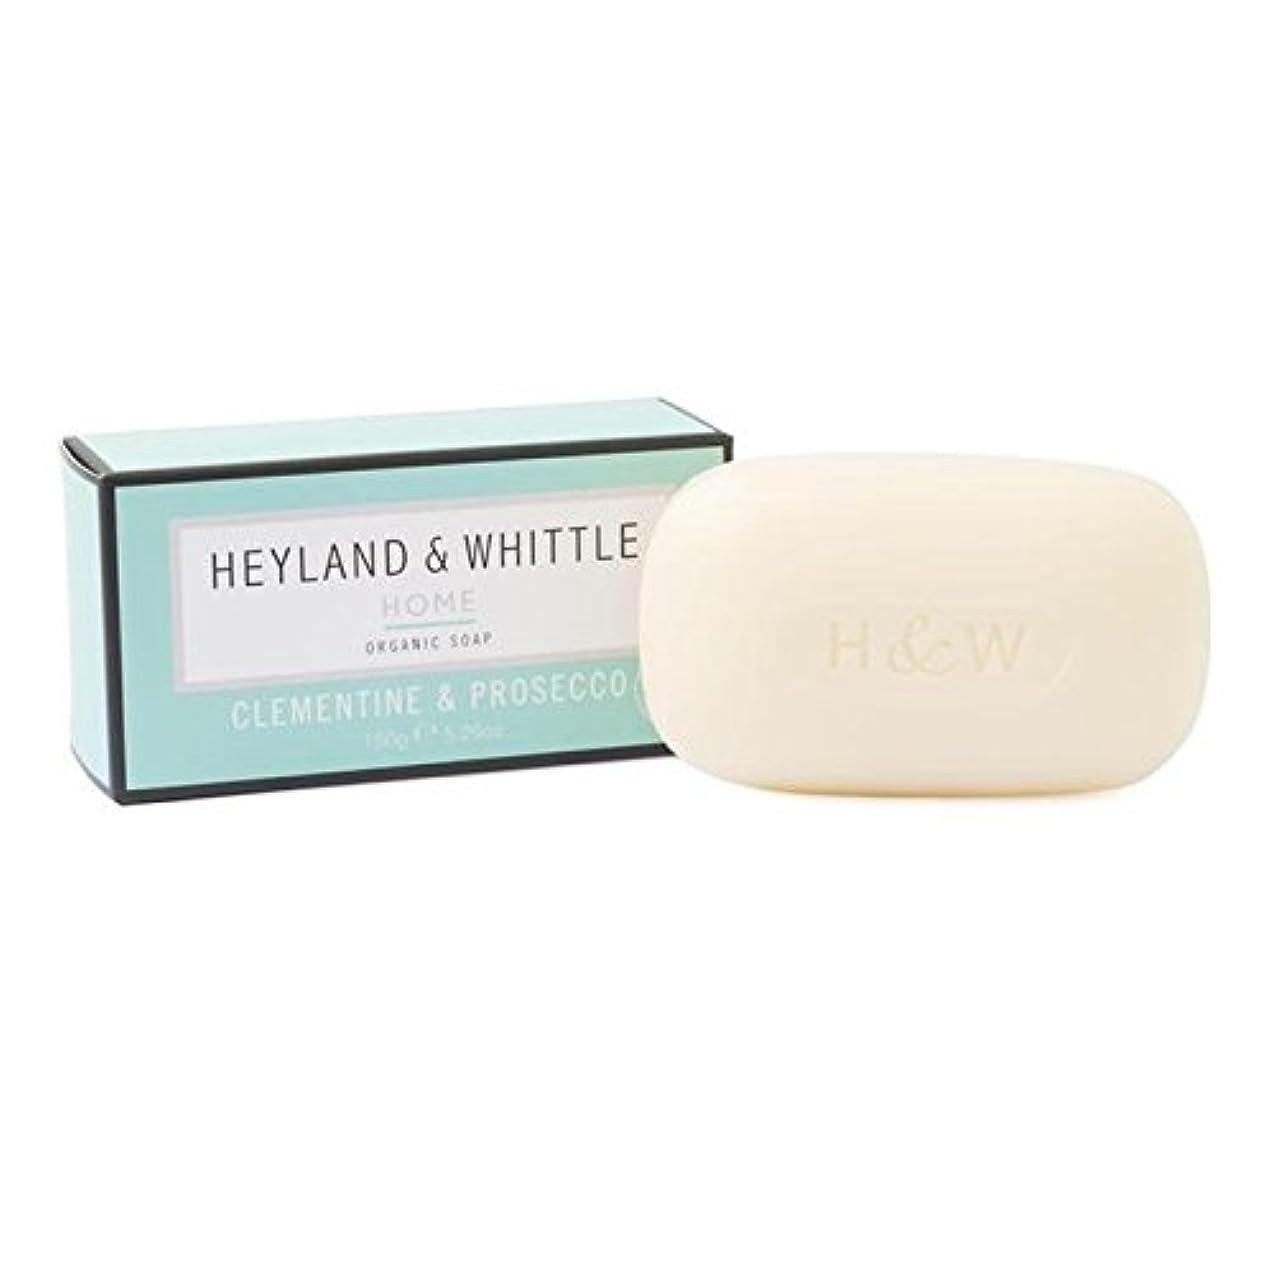 再開クレタイライラする&削るホームクレメンタイン&プロセッコ有機石鹸150グラム x4 - Heyland & Whittle Home Clementine & Prosecco Organic Soap 150g (Pack of 4) [並行輸入品]